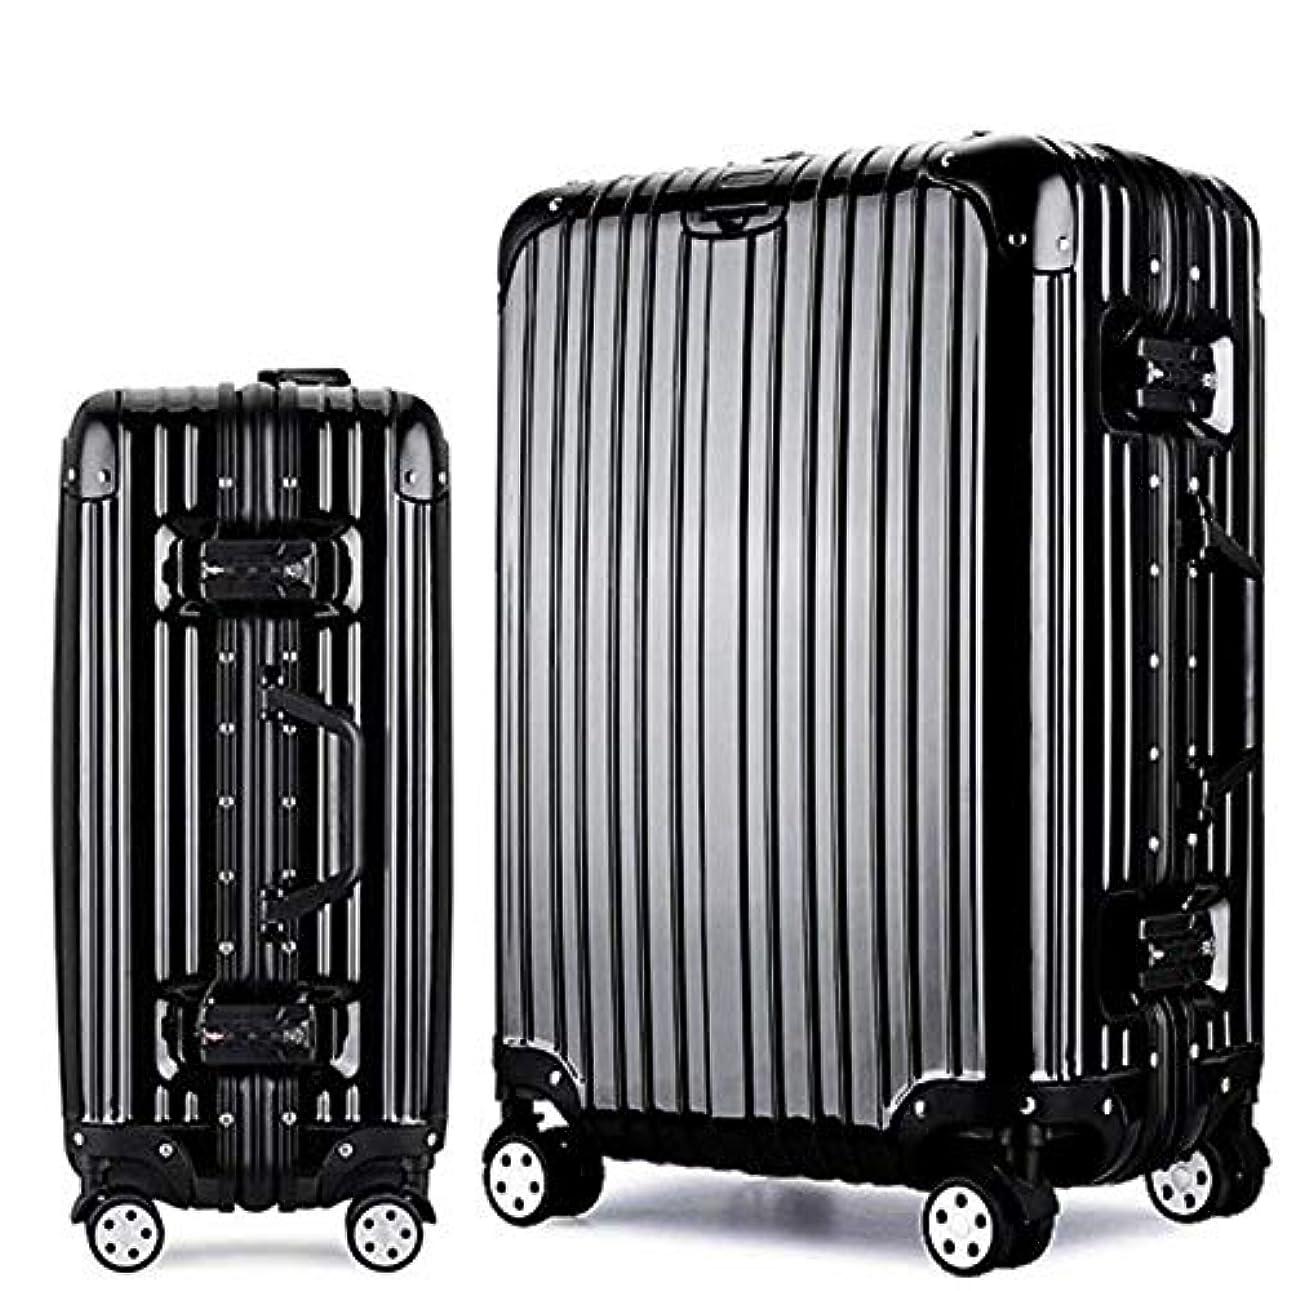 窓を洗う子羊移住するOsonmアルミニウムマグネシウム合金製 スーツケース キャリーバッグ 機内持ち込みスーツケース TSAロック 自在車 キャスター 5色6013